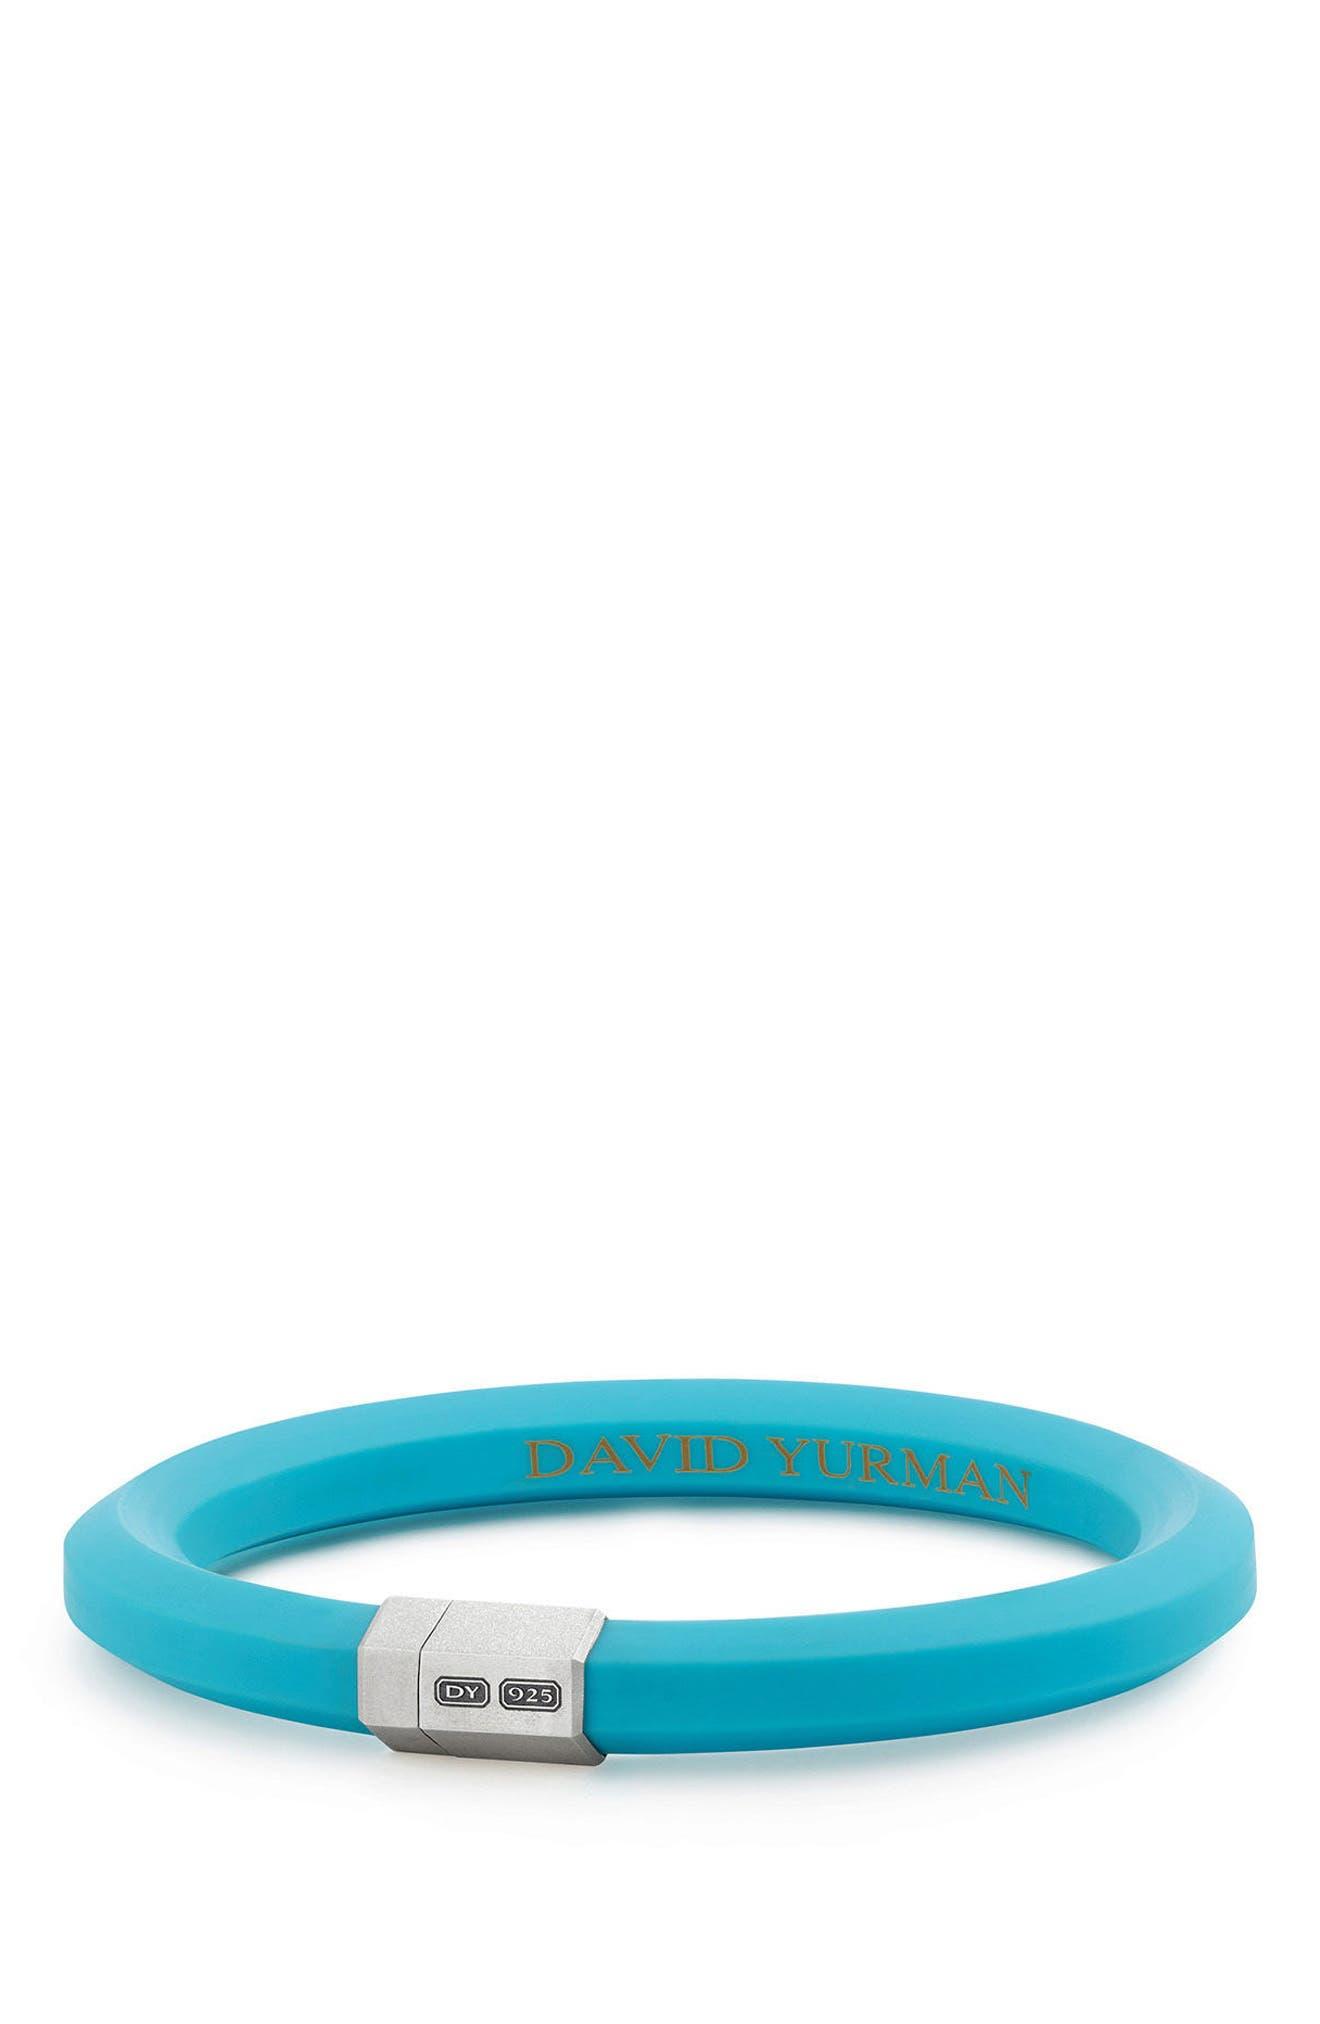 10.5mm Hex Bracelet,                             Main thumbnail 1, color,                             TEAL